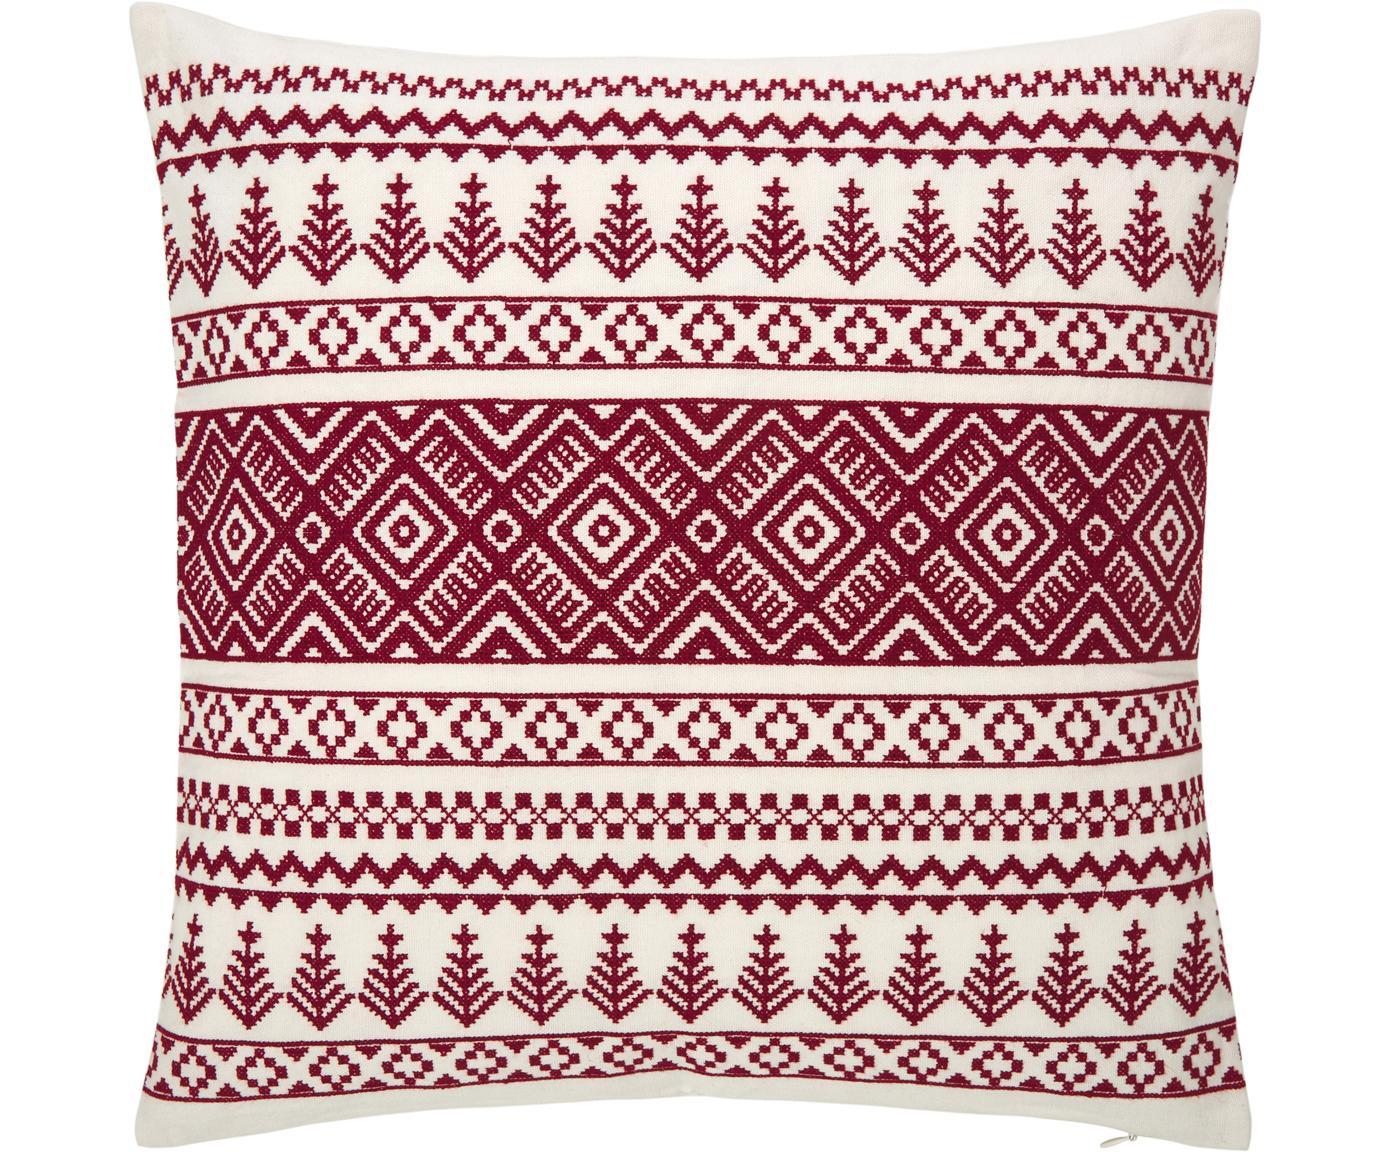 Bestickte Kissenhülle Islay mit winterlichen Motiven, 100% Baumwolle, Rot, Cremeweiss, 45 x 45 cm